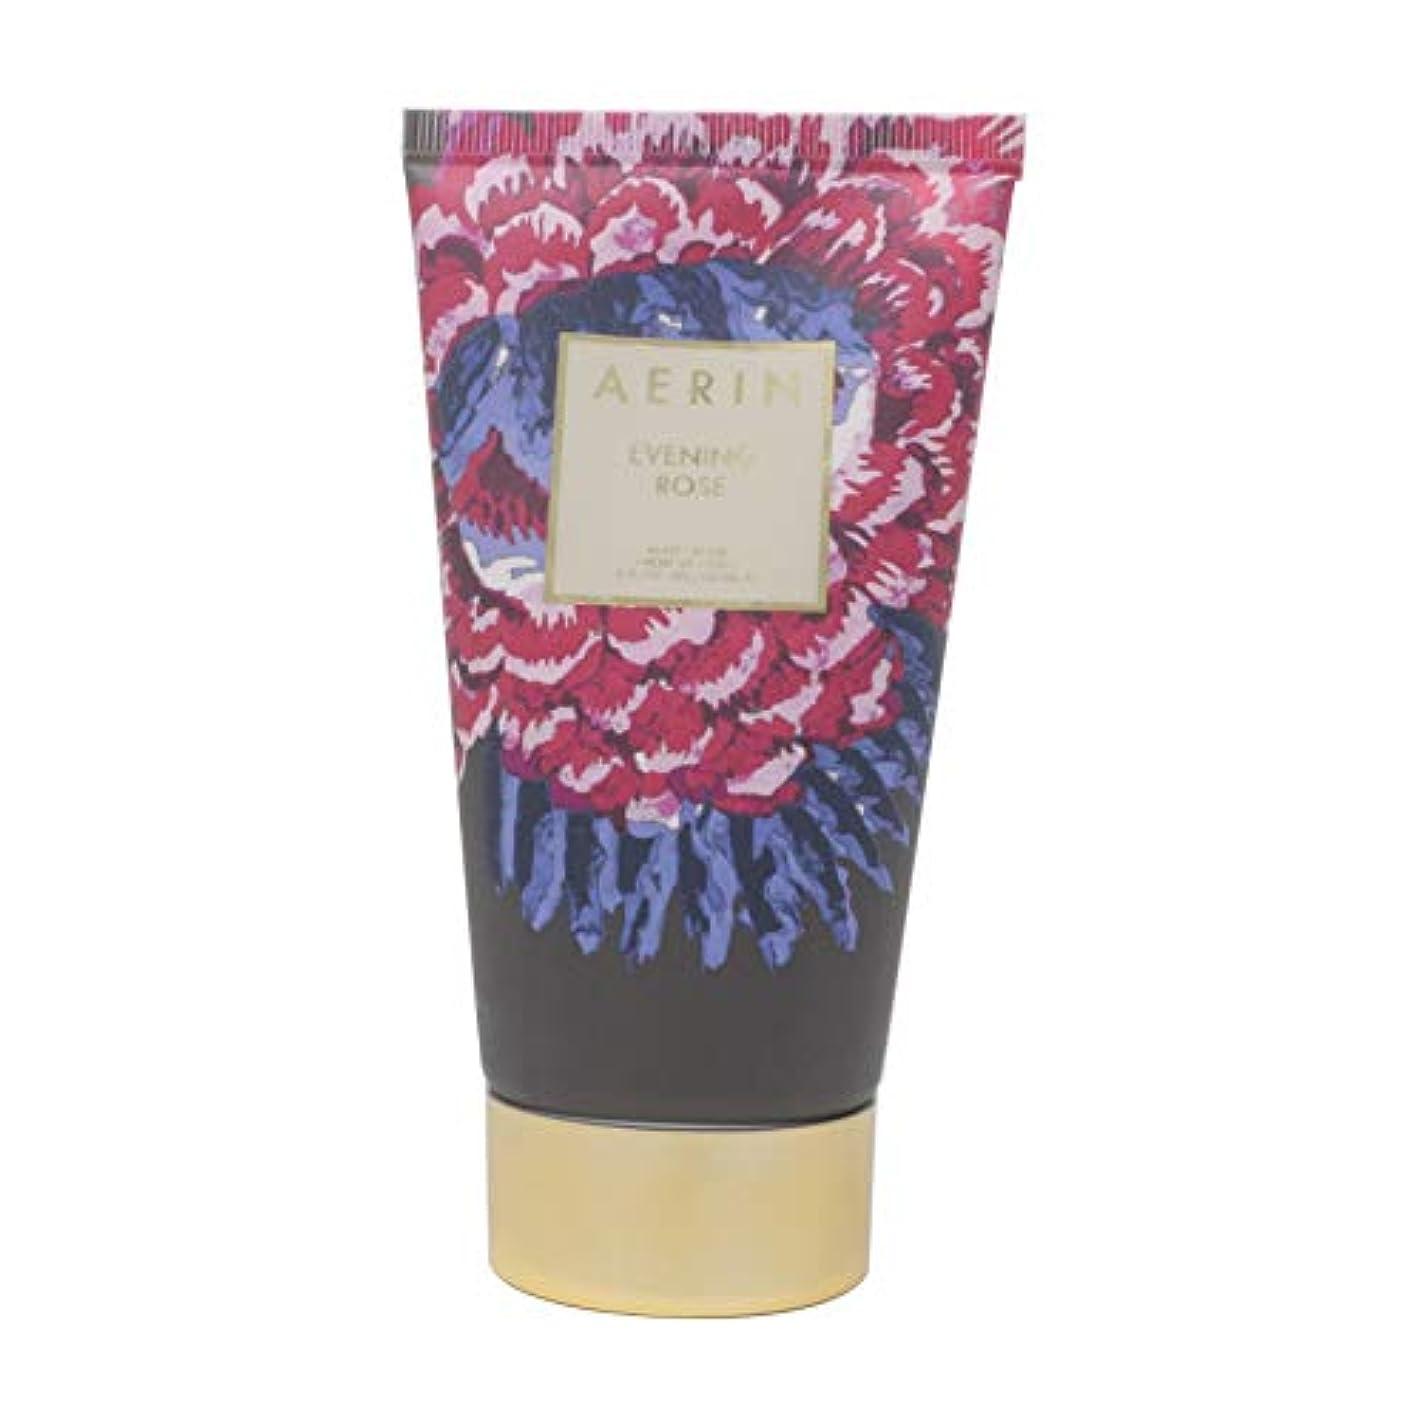 標準のため請求AERIN 'Evening Rose' (アエリン イブニング ローズ) 5.0 oz (150ml) Body Cream ボディークリーム by Estee Lauder for Women